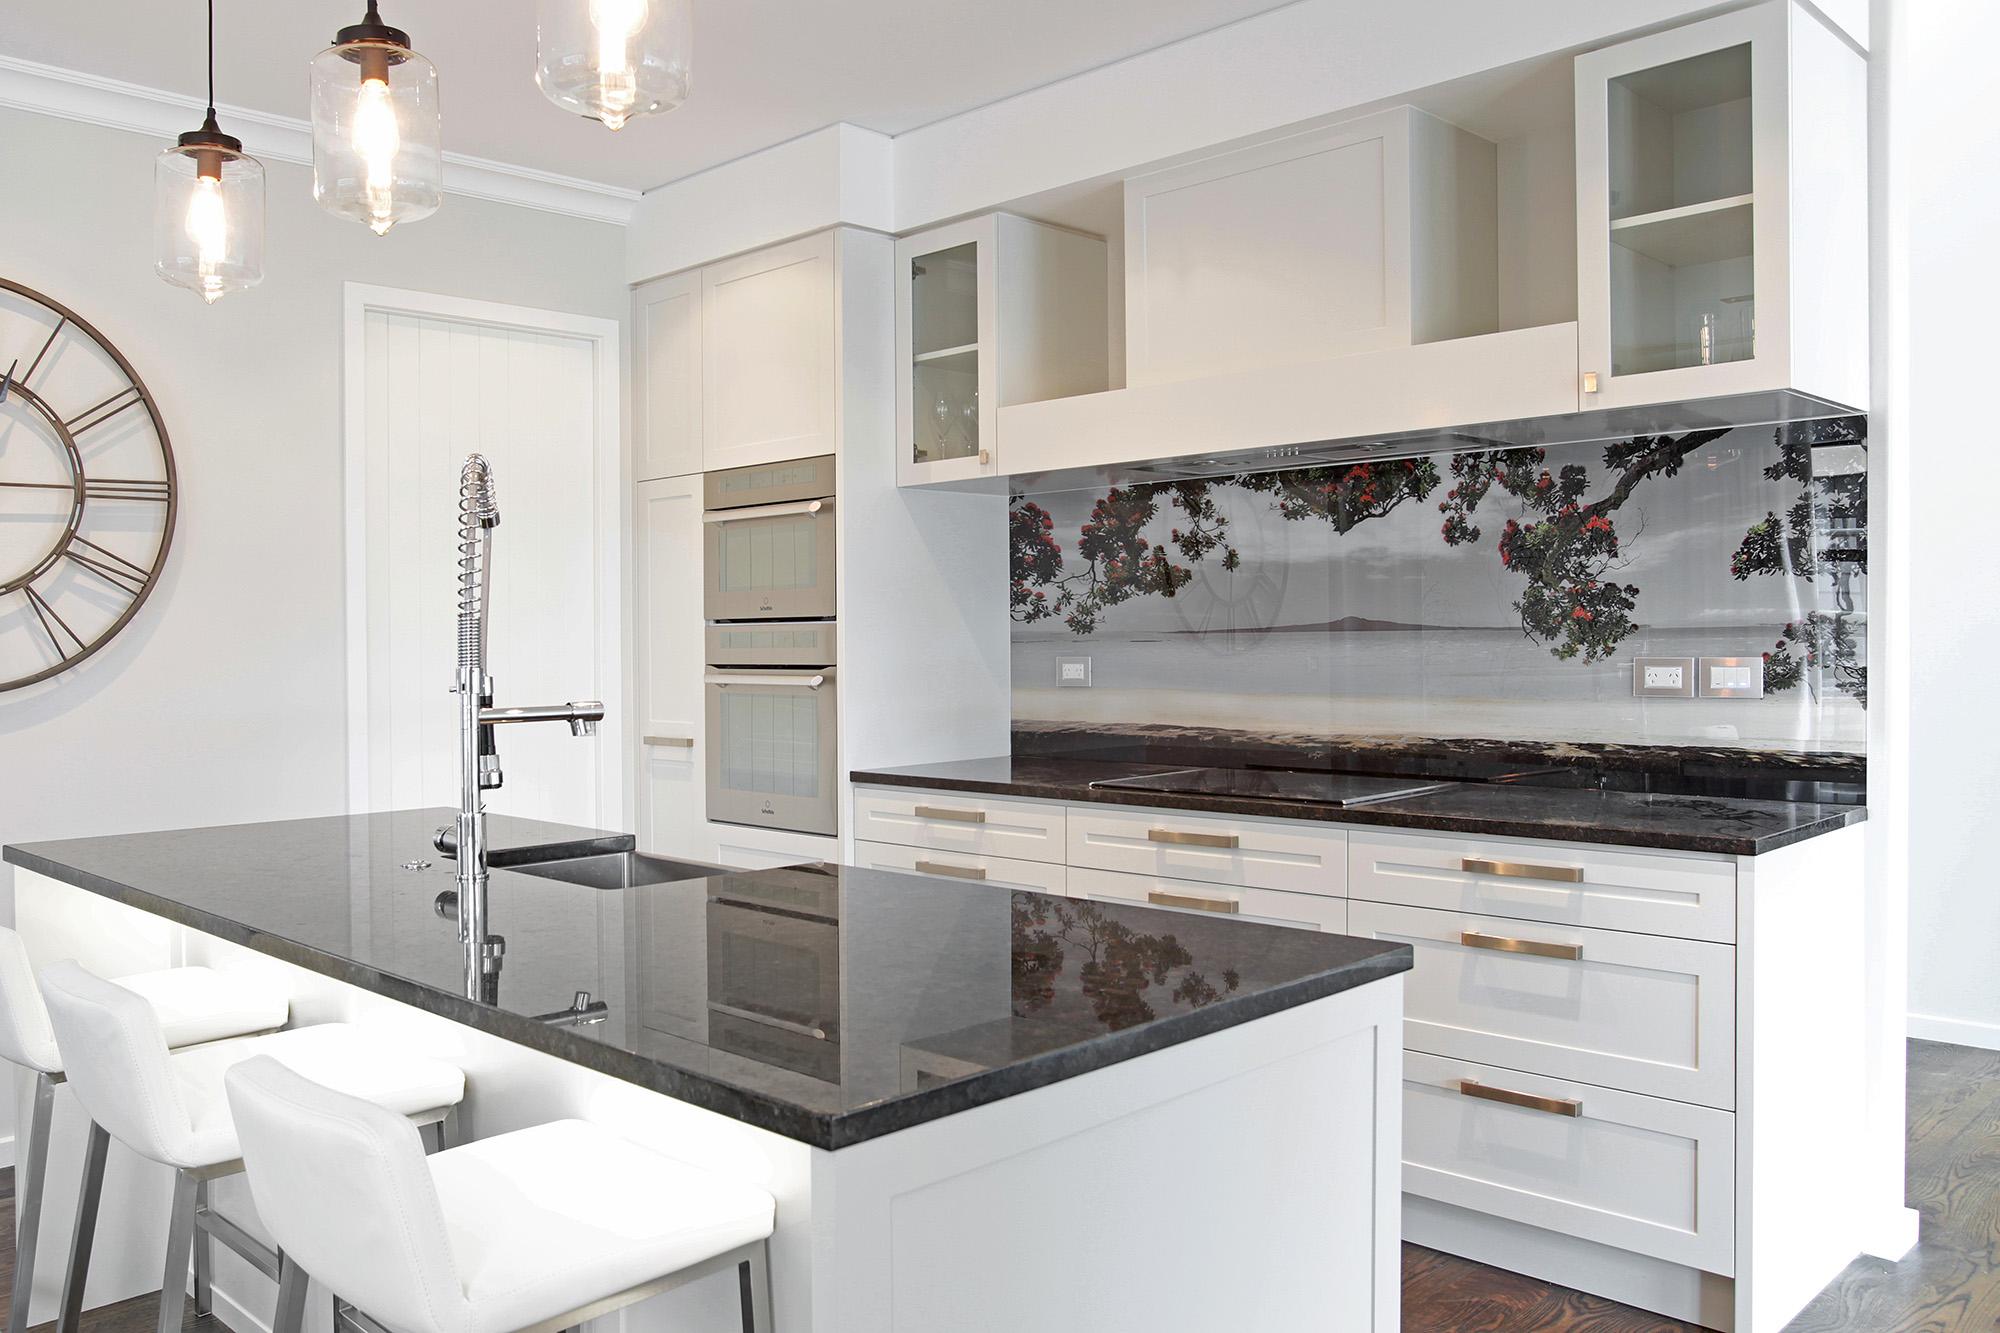 Kohi paradise rangitoto printed image on glass kitchen splashback